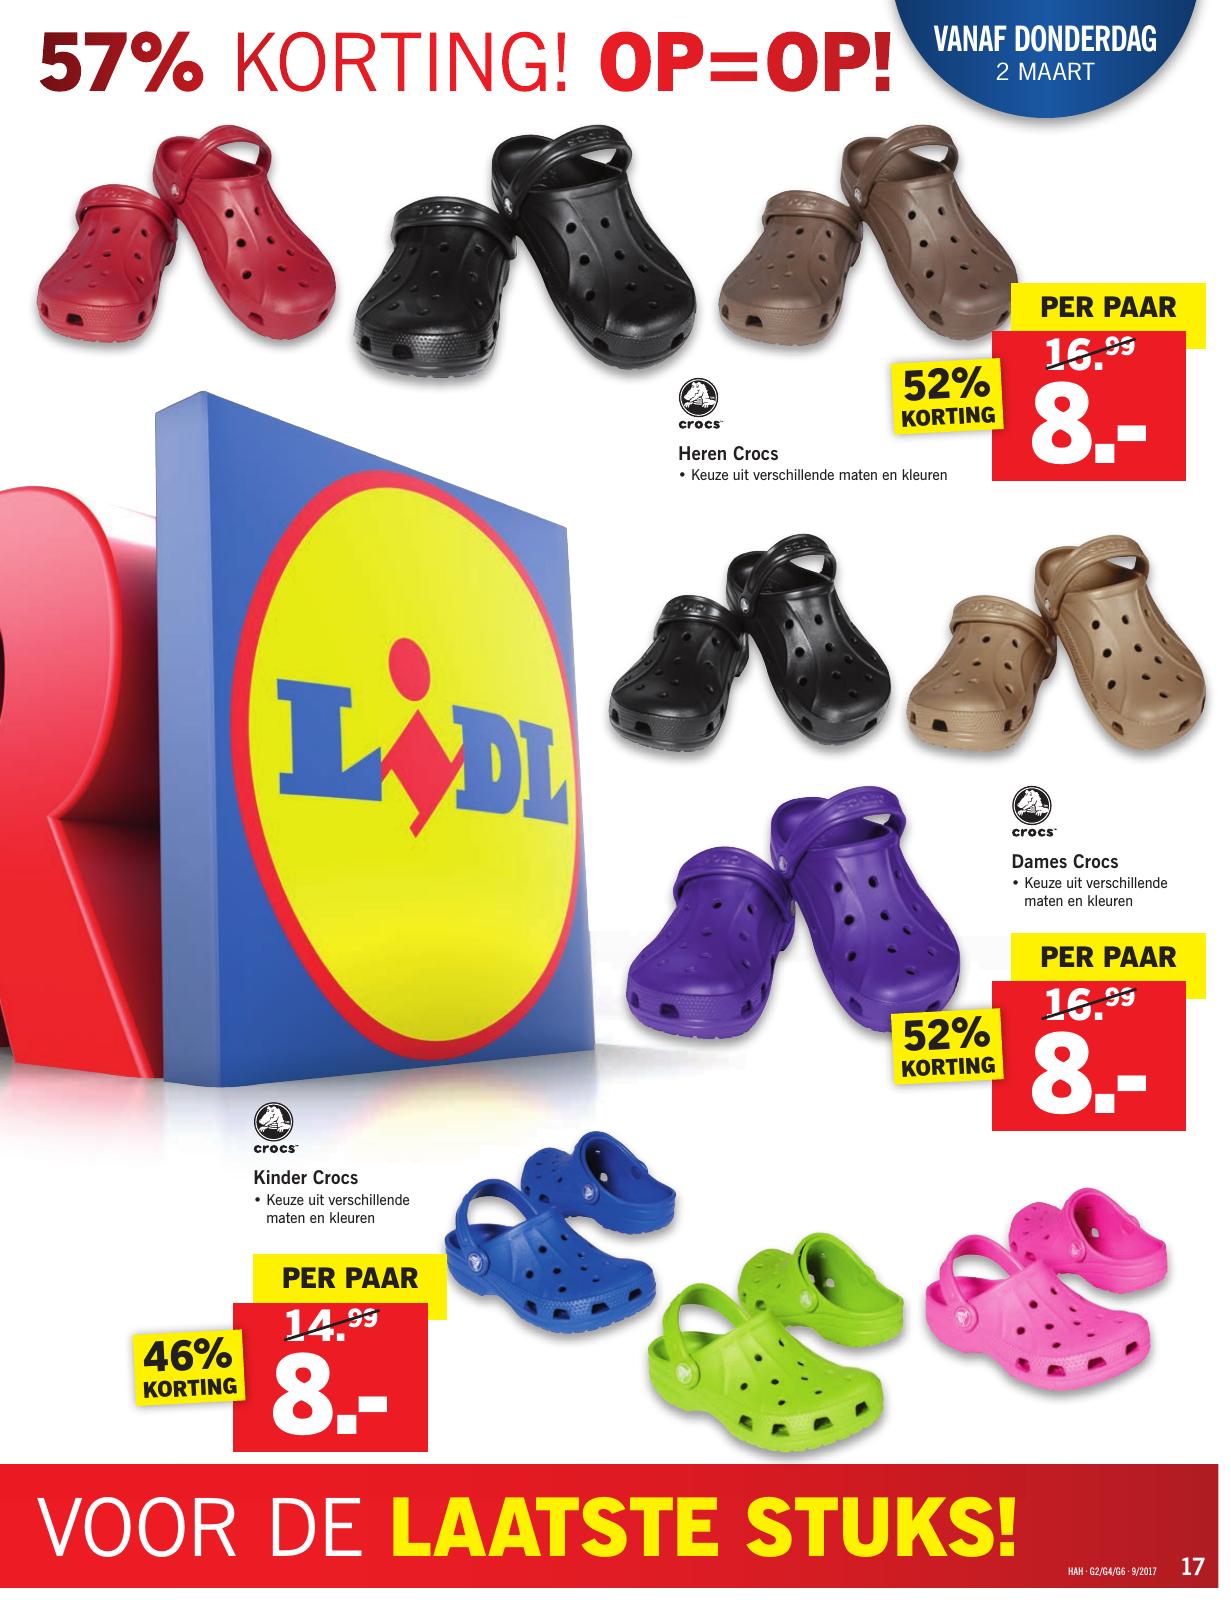 Crocs dames, heren, kinderen @ Lidl 8 euro